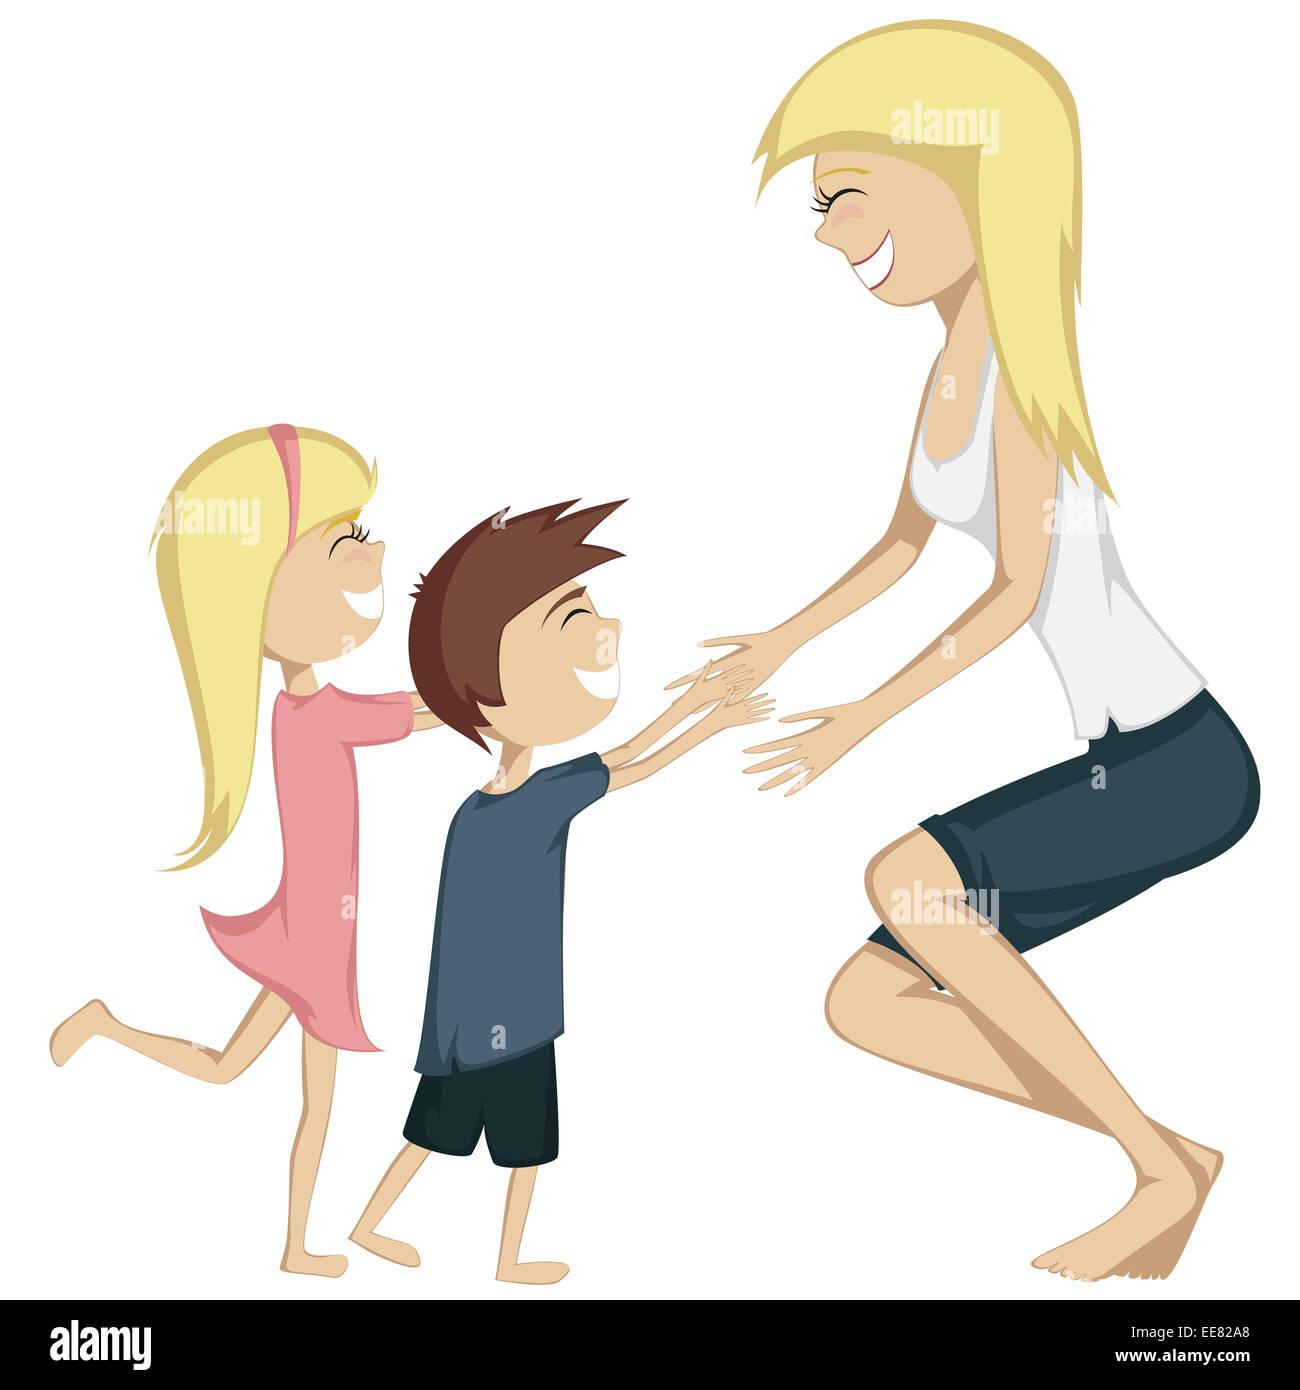 Abbraccio La Tua Mamma Colorata E Dettagliata Di Cartoon Stile Arte Con Una Ragazza Bionda Un Pelo Marrone Boy Sono In Marcia Verso Loro Madre